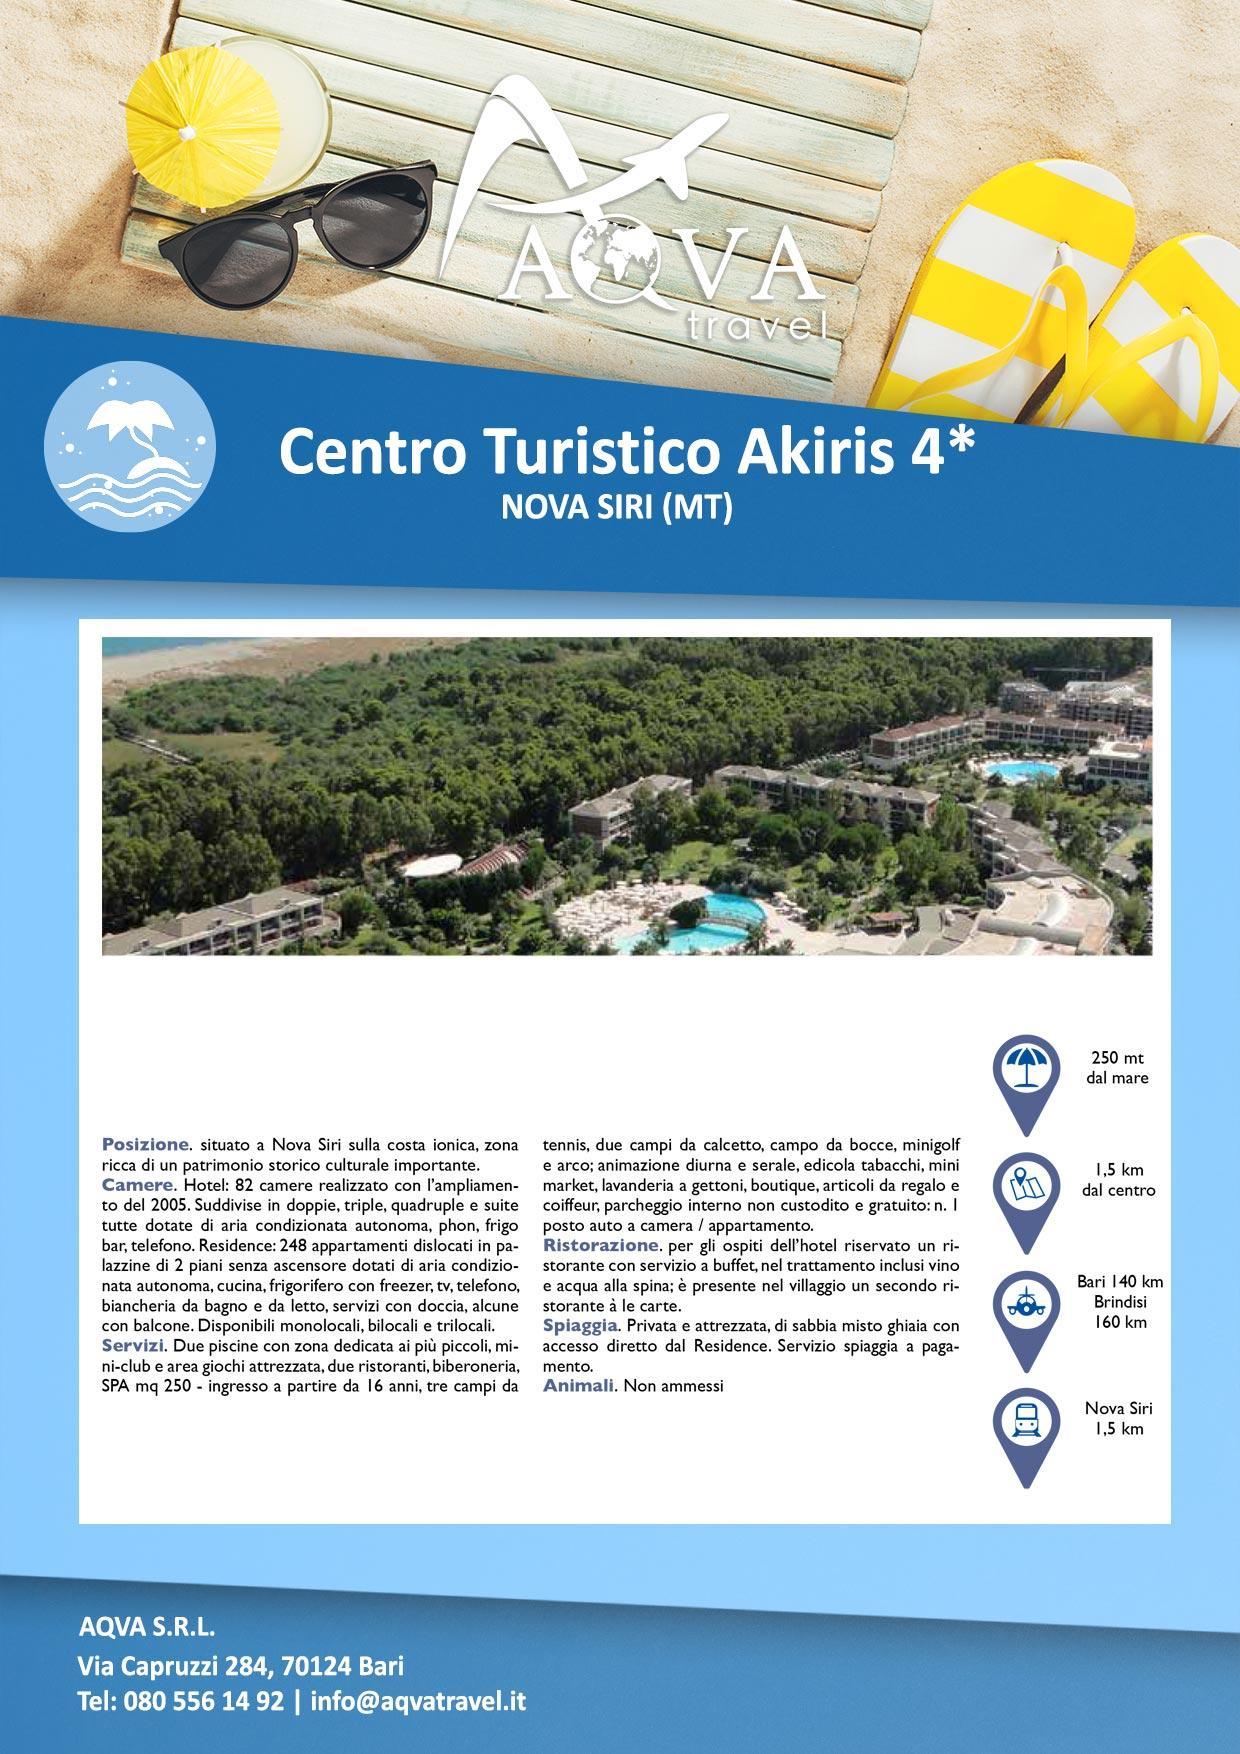 Centro-Turistico-Akiris-4-NOVA-SIRI-(MT)-Mare-offerte-agenzia-di-viaggi-Bari-AQVATRAVEL-it